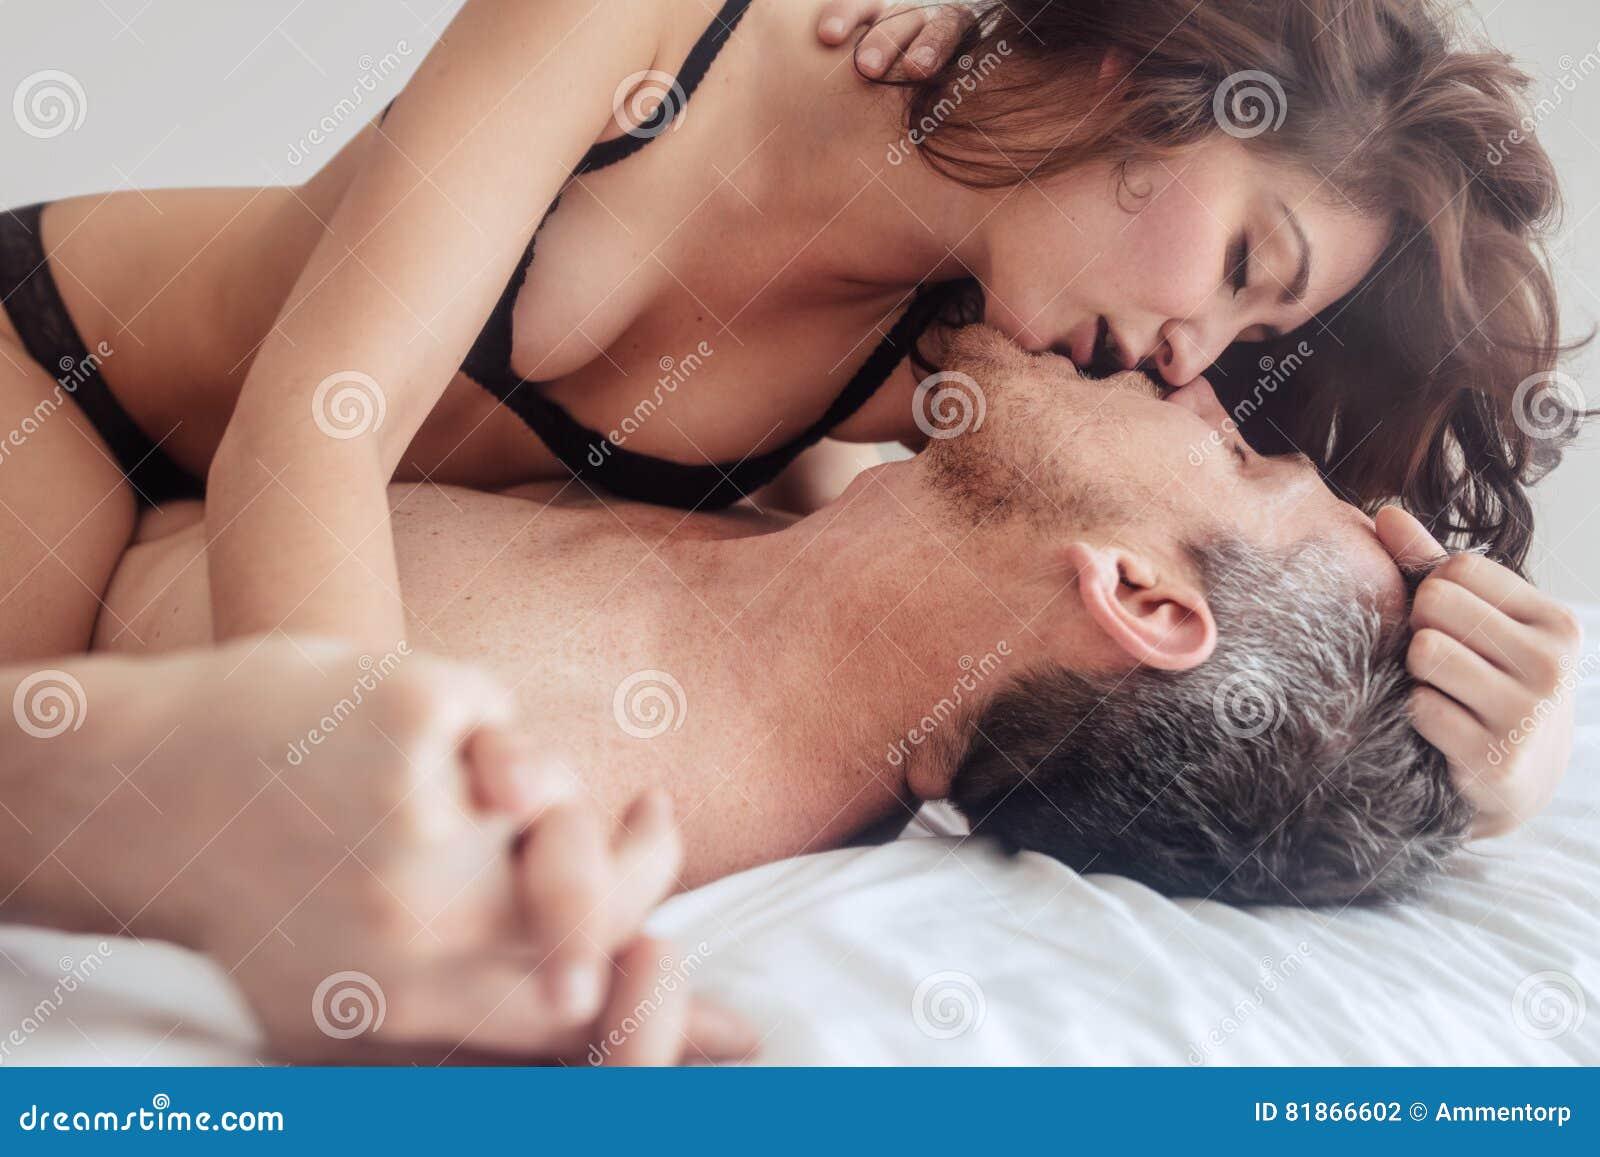 lesbiennes attrapé ayant sexe